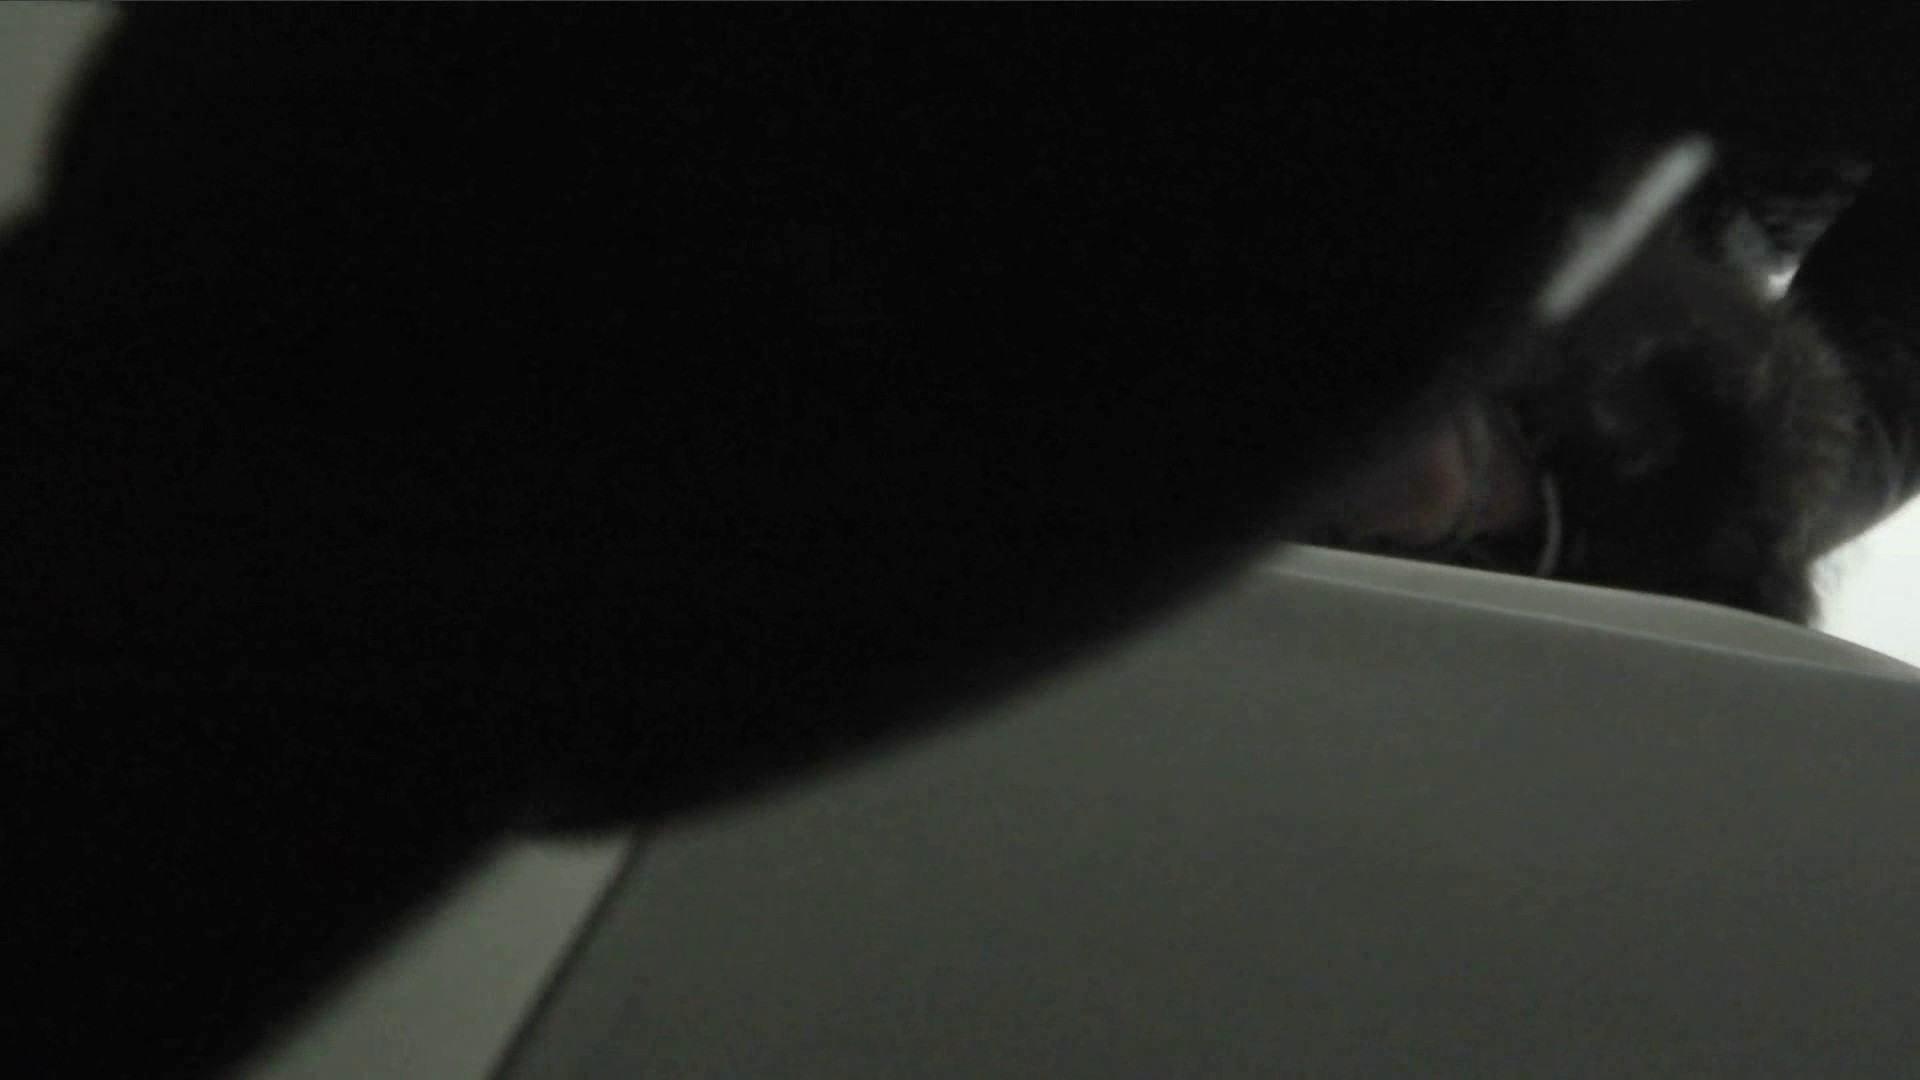 vol.02 着替えシーンもありマス 潜入 オマンコ無修正動画無料 104枚 39